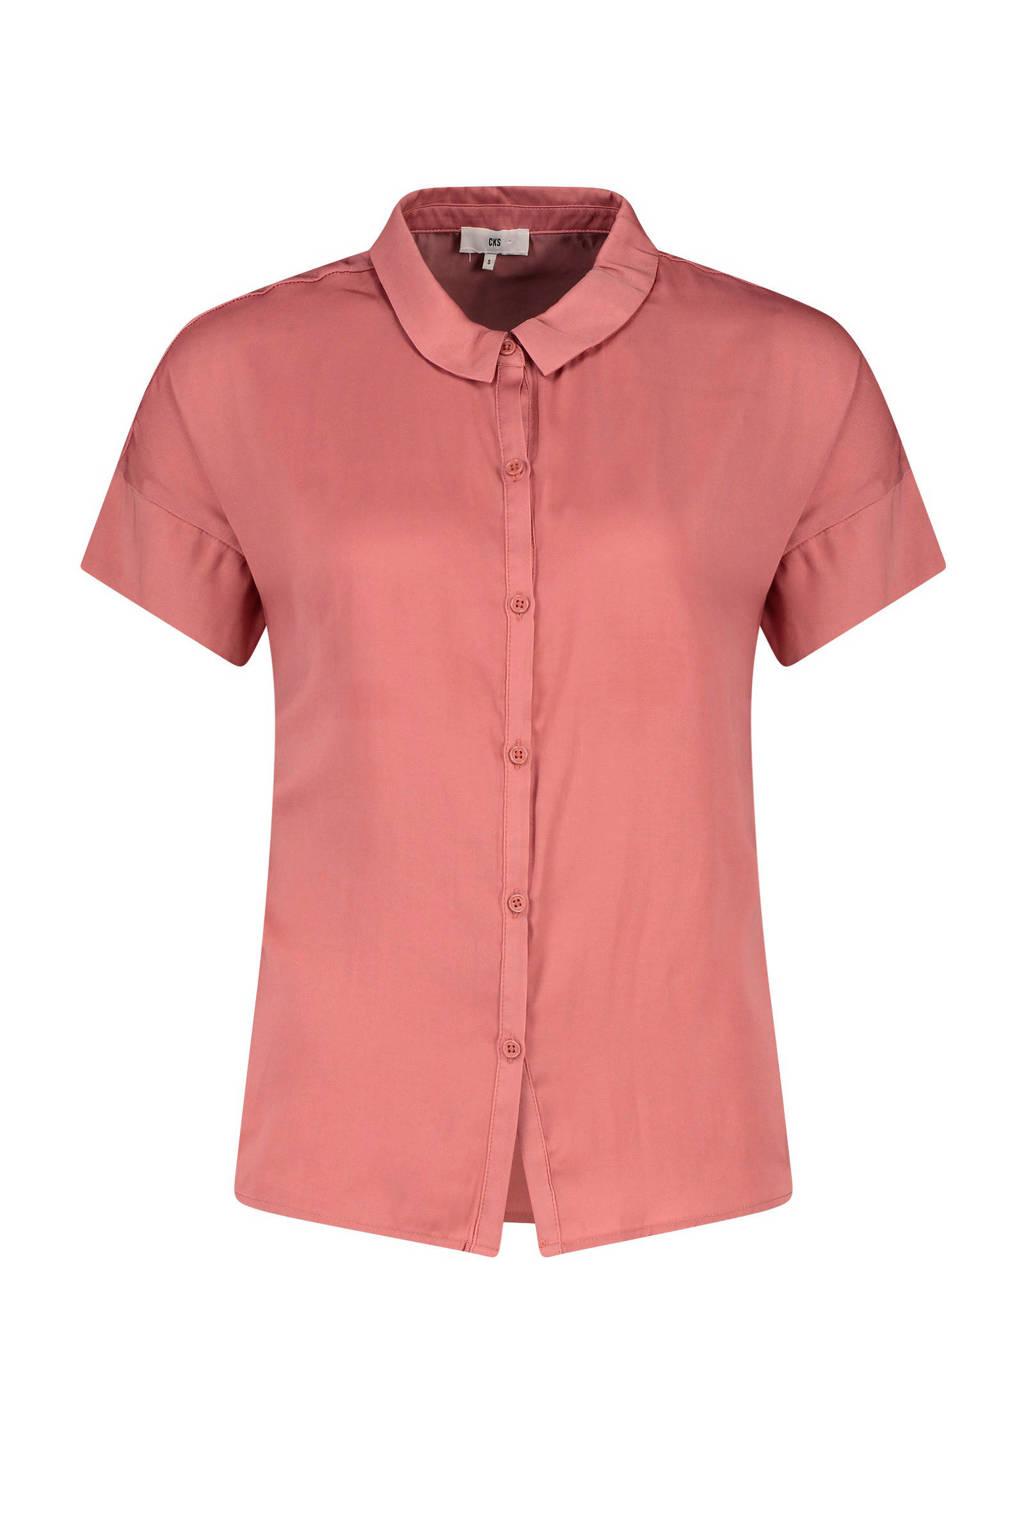 CKS Annas blouse satijnlook oudroze, Oudroze